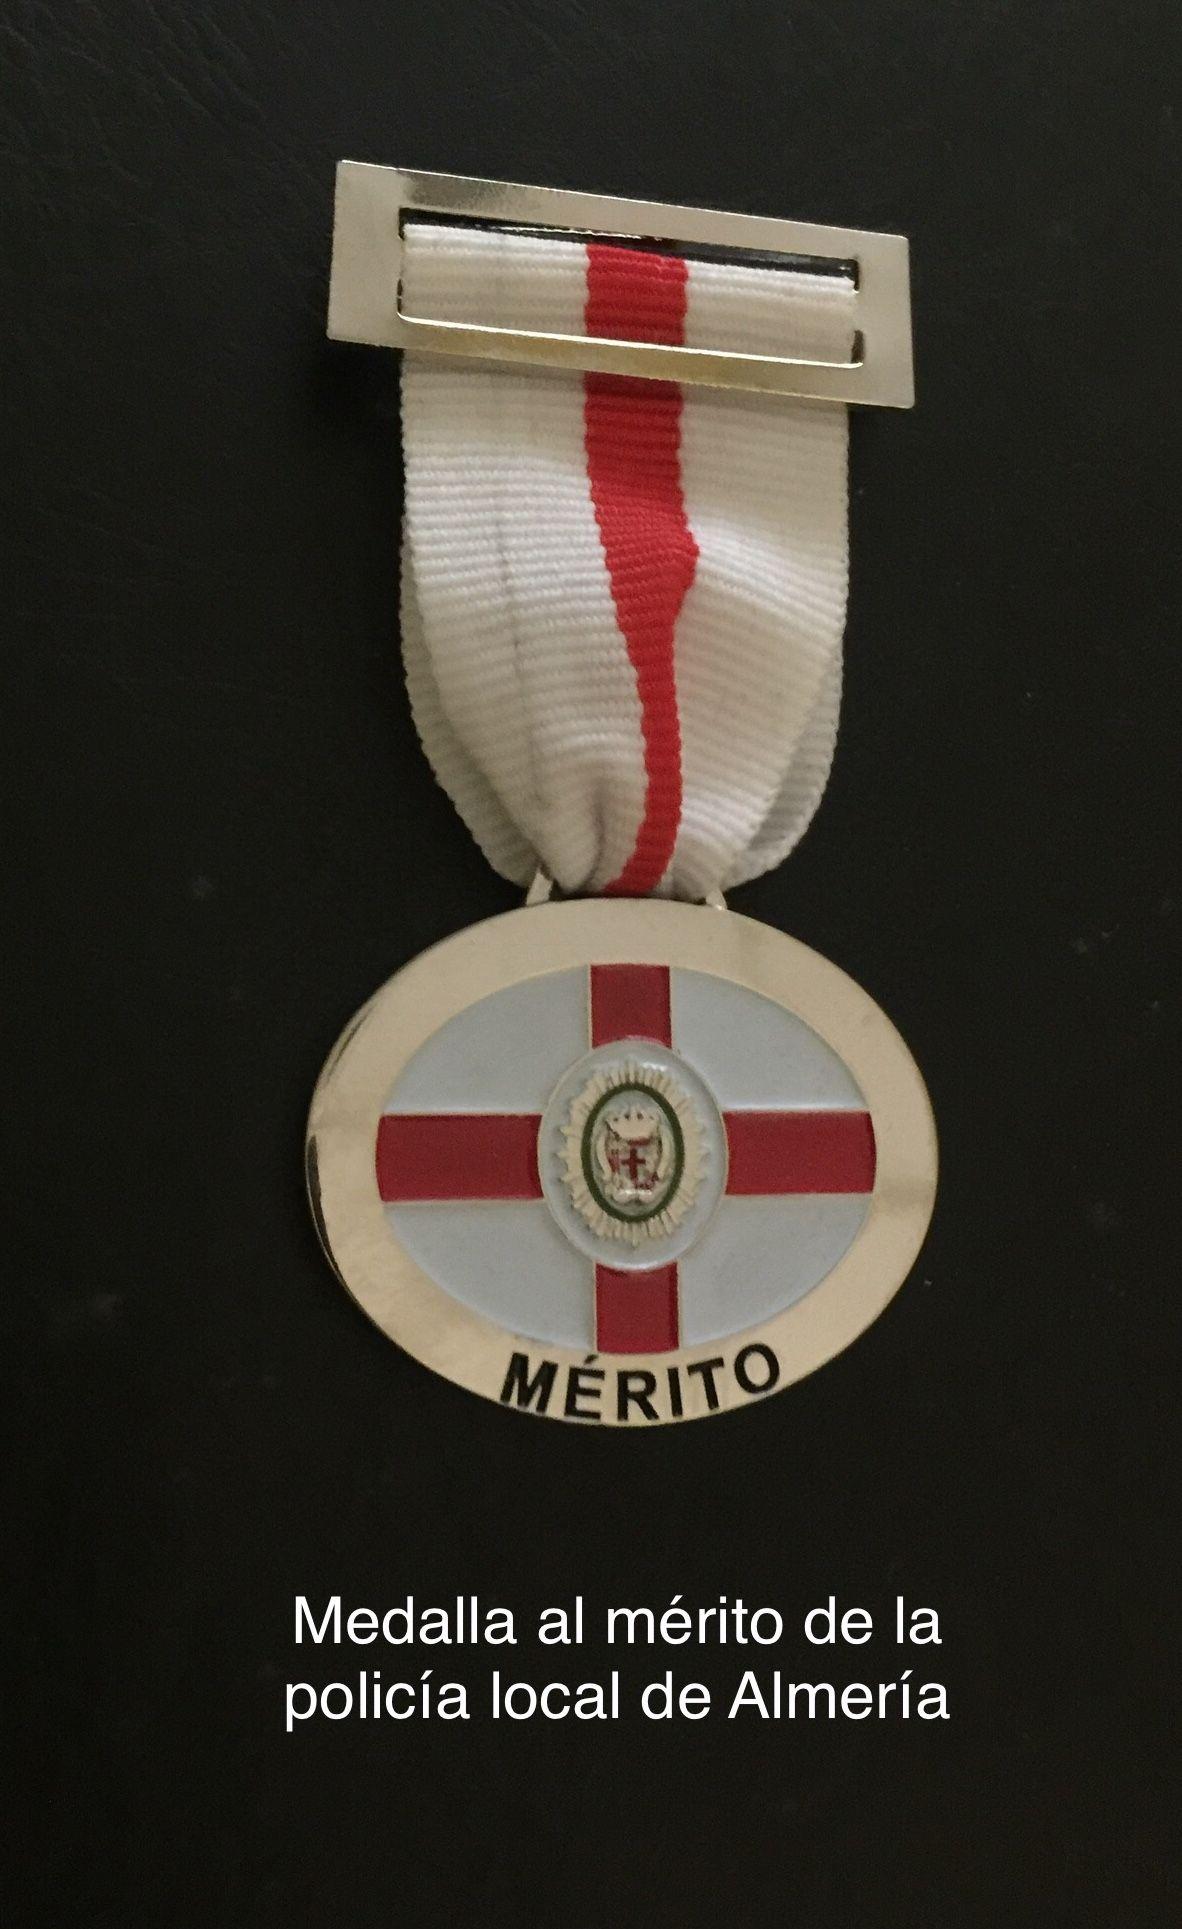 Condecoraciones Civiles Y Militares Españolas Insignia Online Condecoraciones Policía Local Medallas